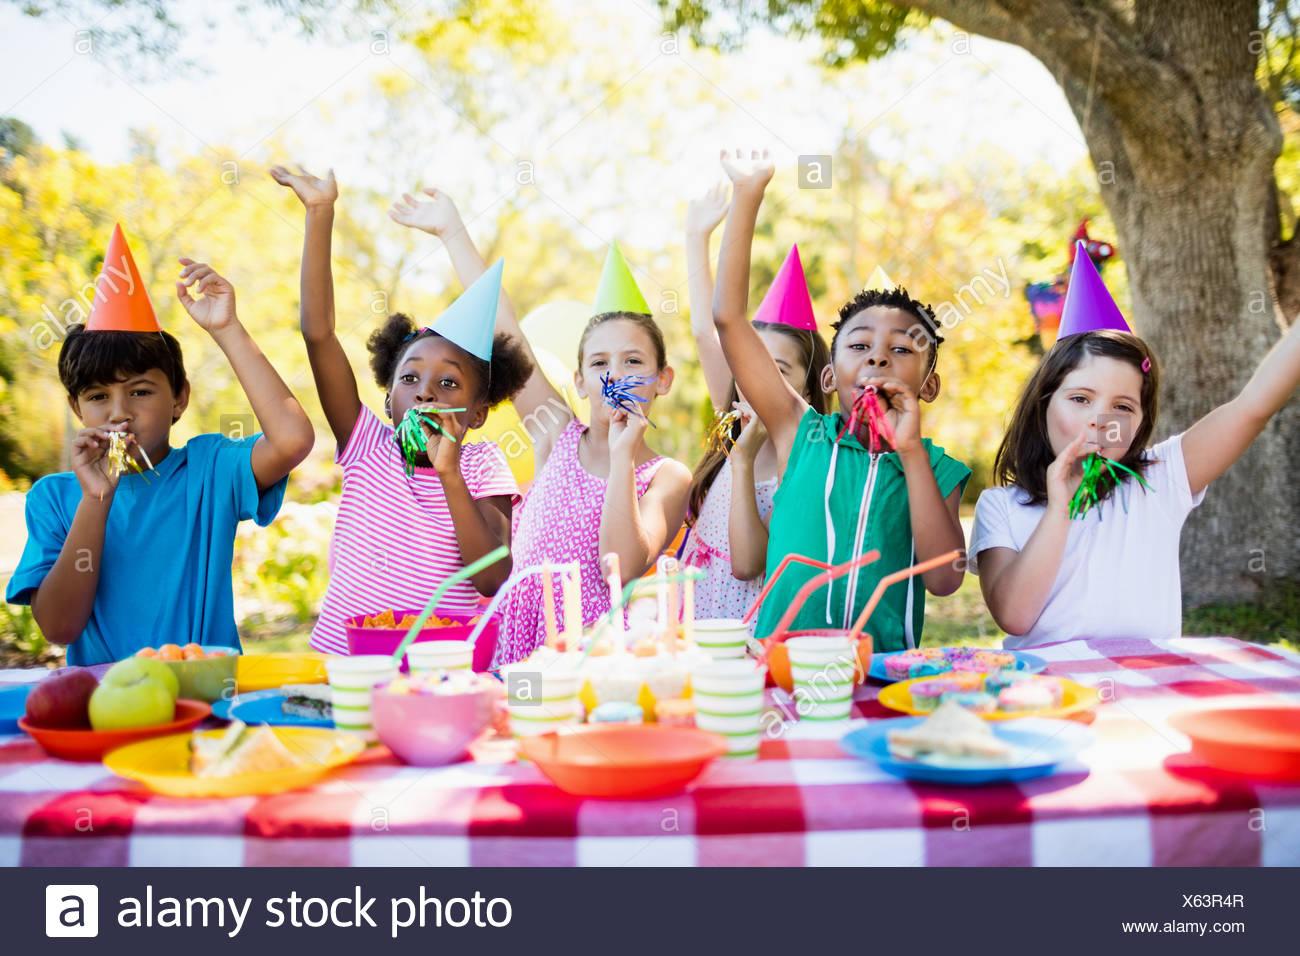 Niño lindo divertirse durante una fiesta de cumpleaños Imagen De Stock